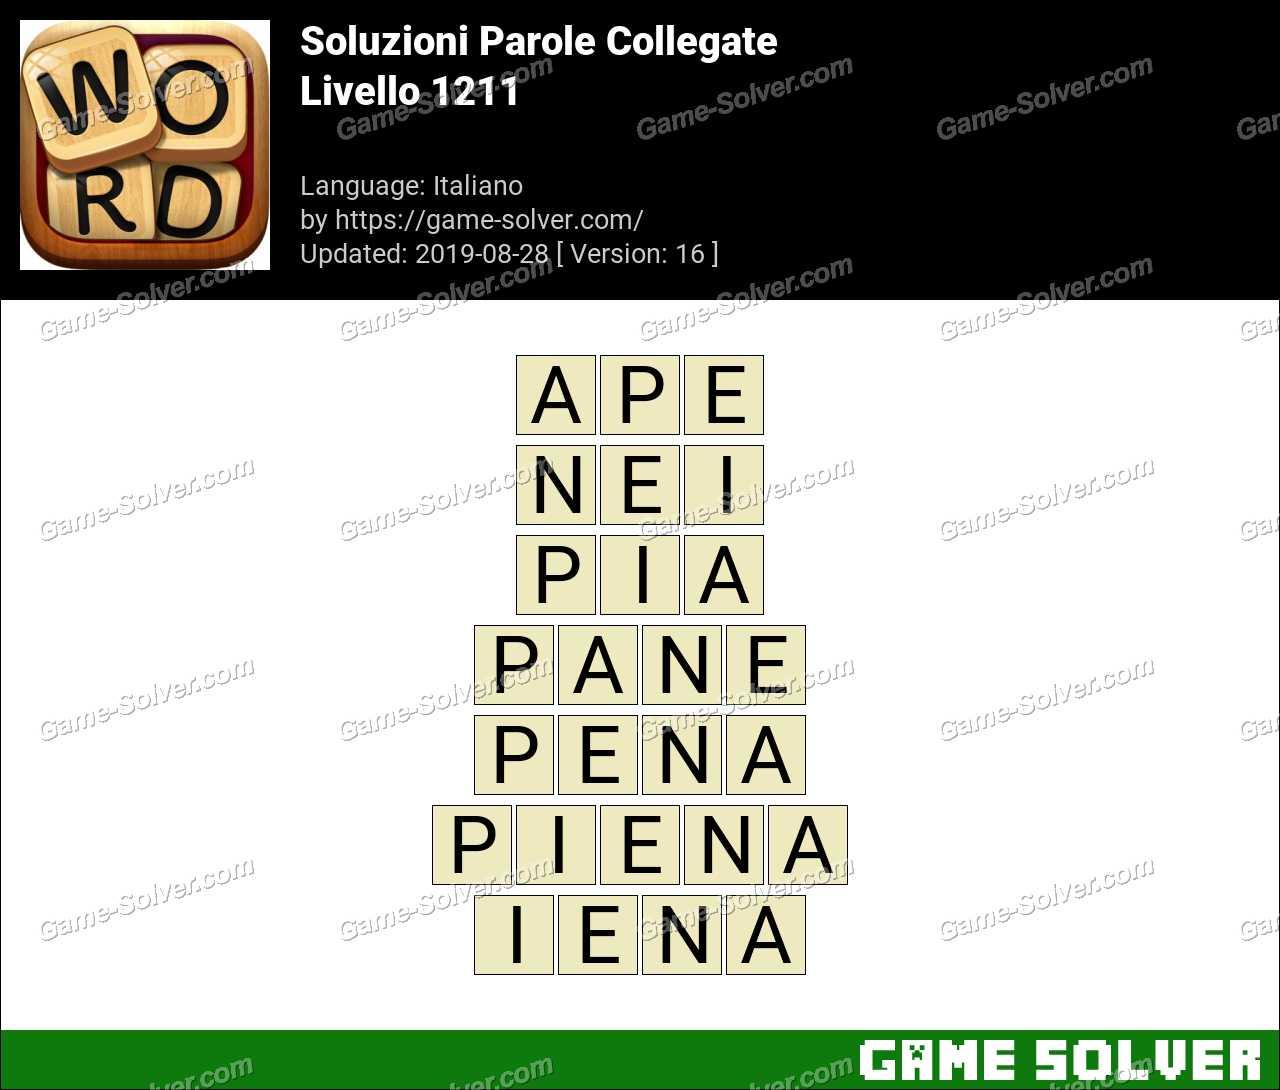 Soluzioni Parole Collegate Livello 1211